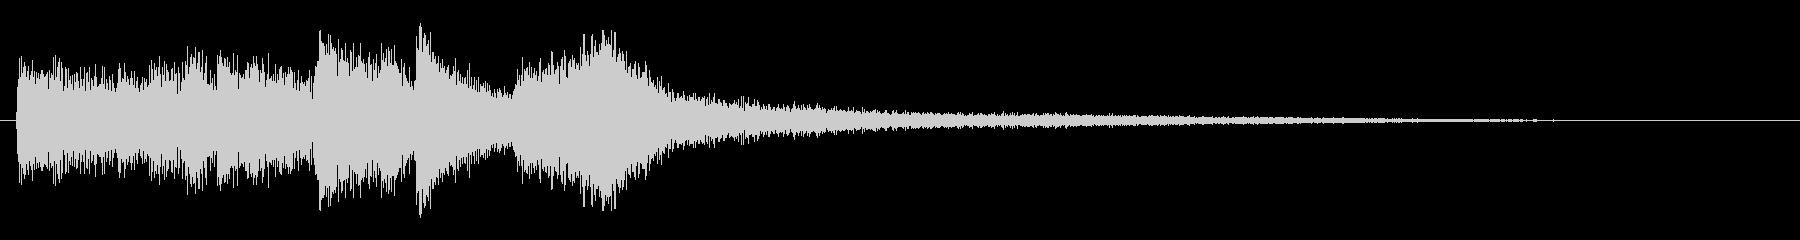 幻想的なピアノソロのジングルの未再生の波形